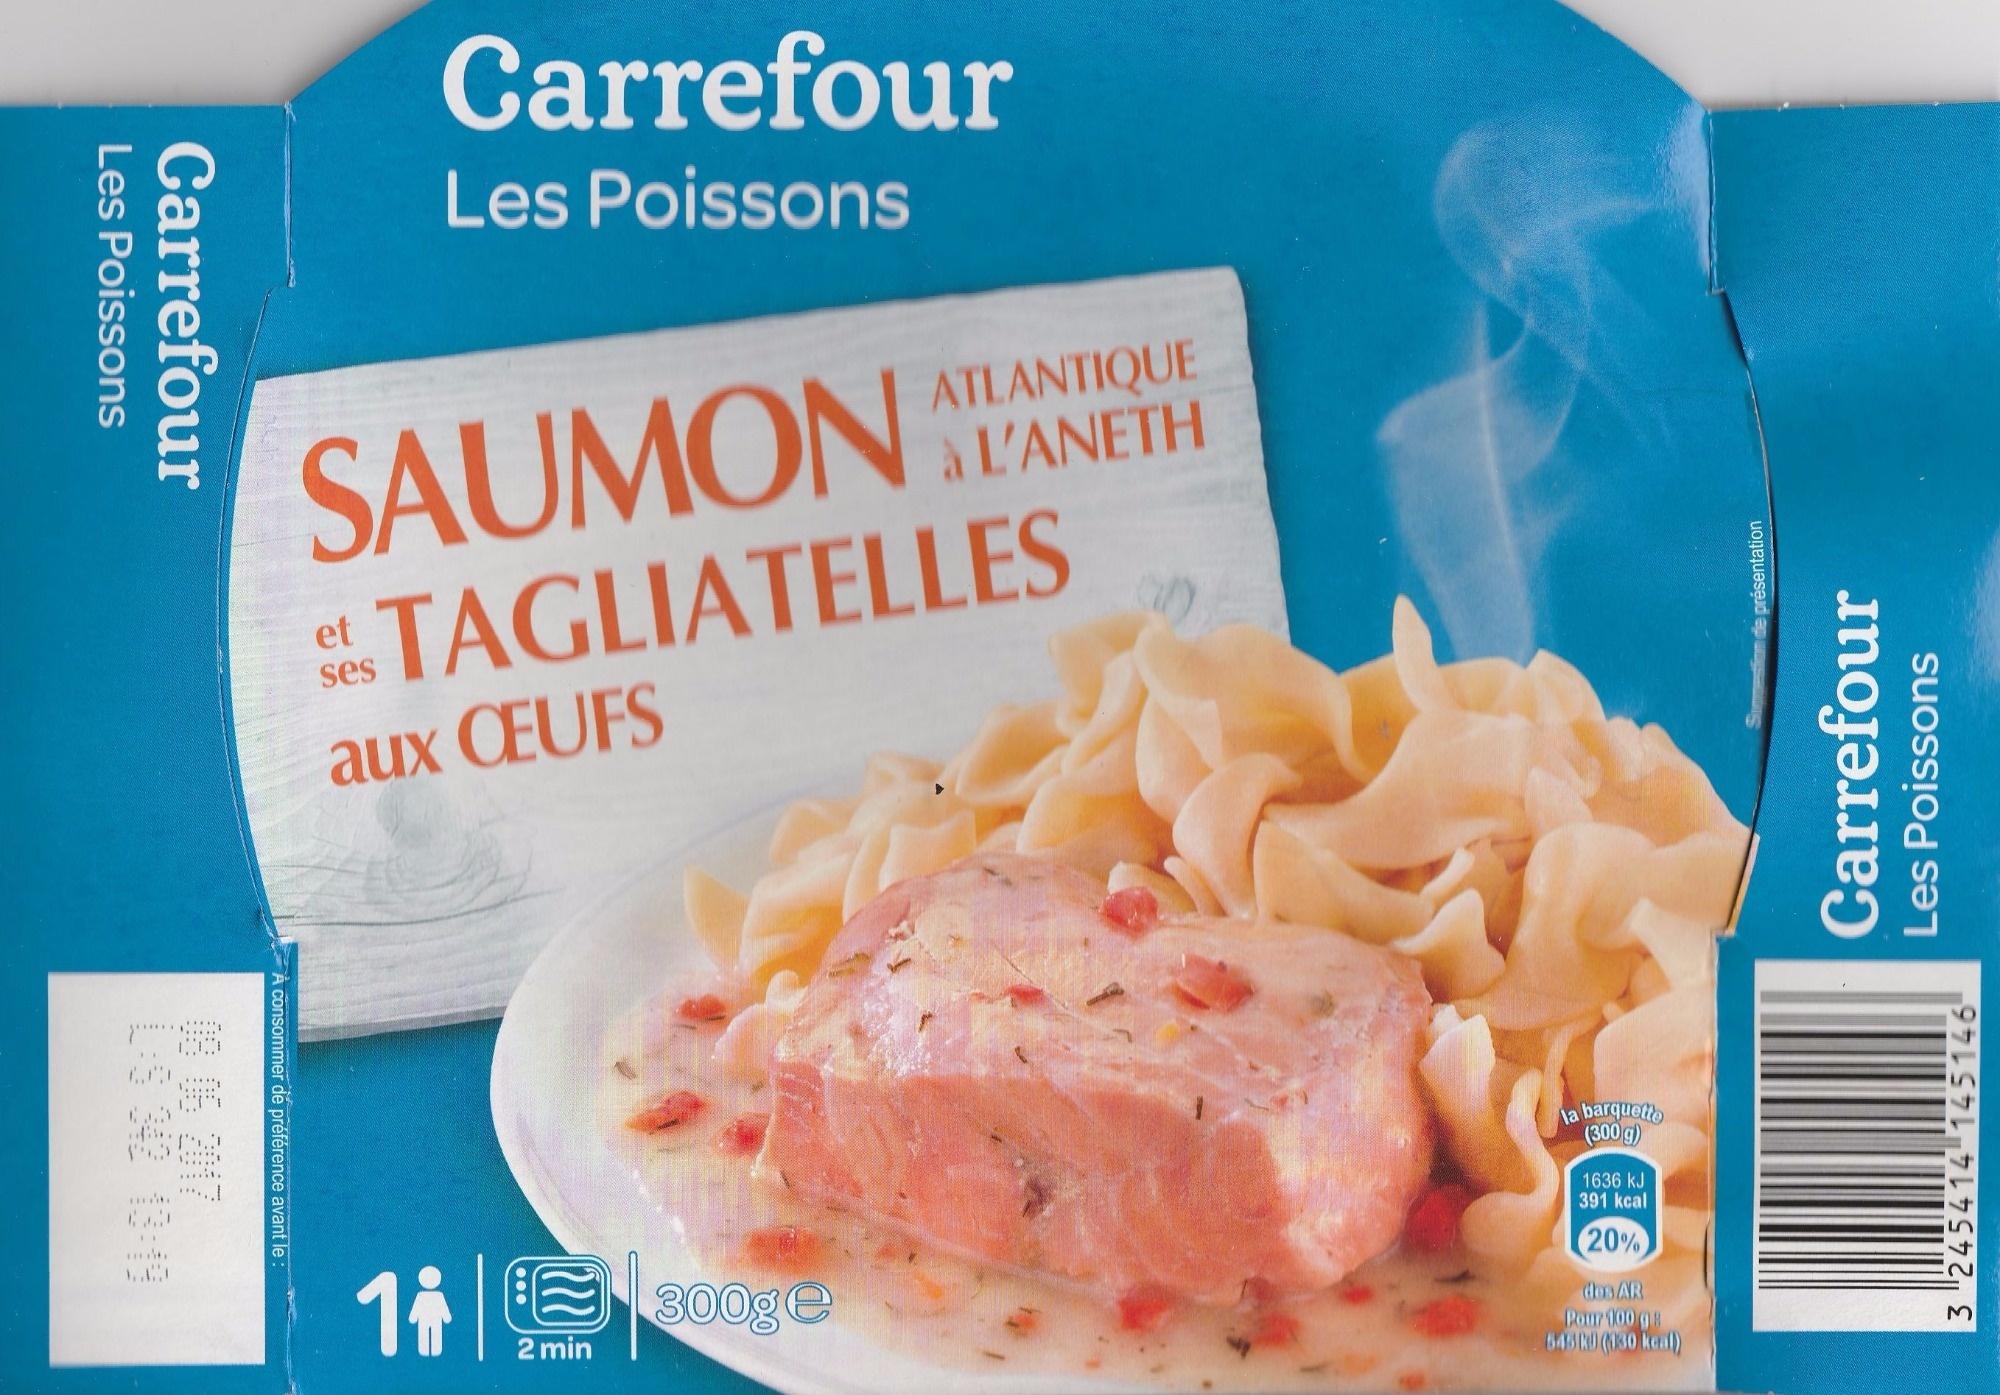 Saumon et Tagliatelles aux Oeufs - Produit - fr